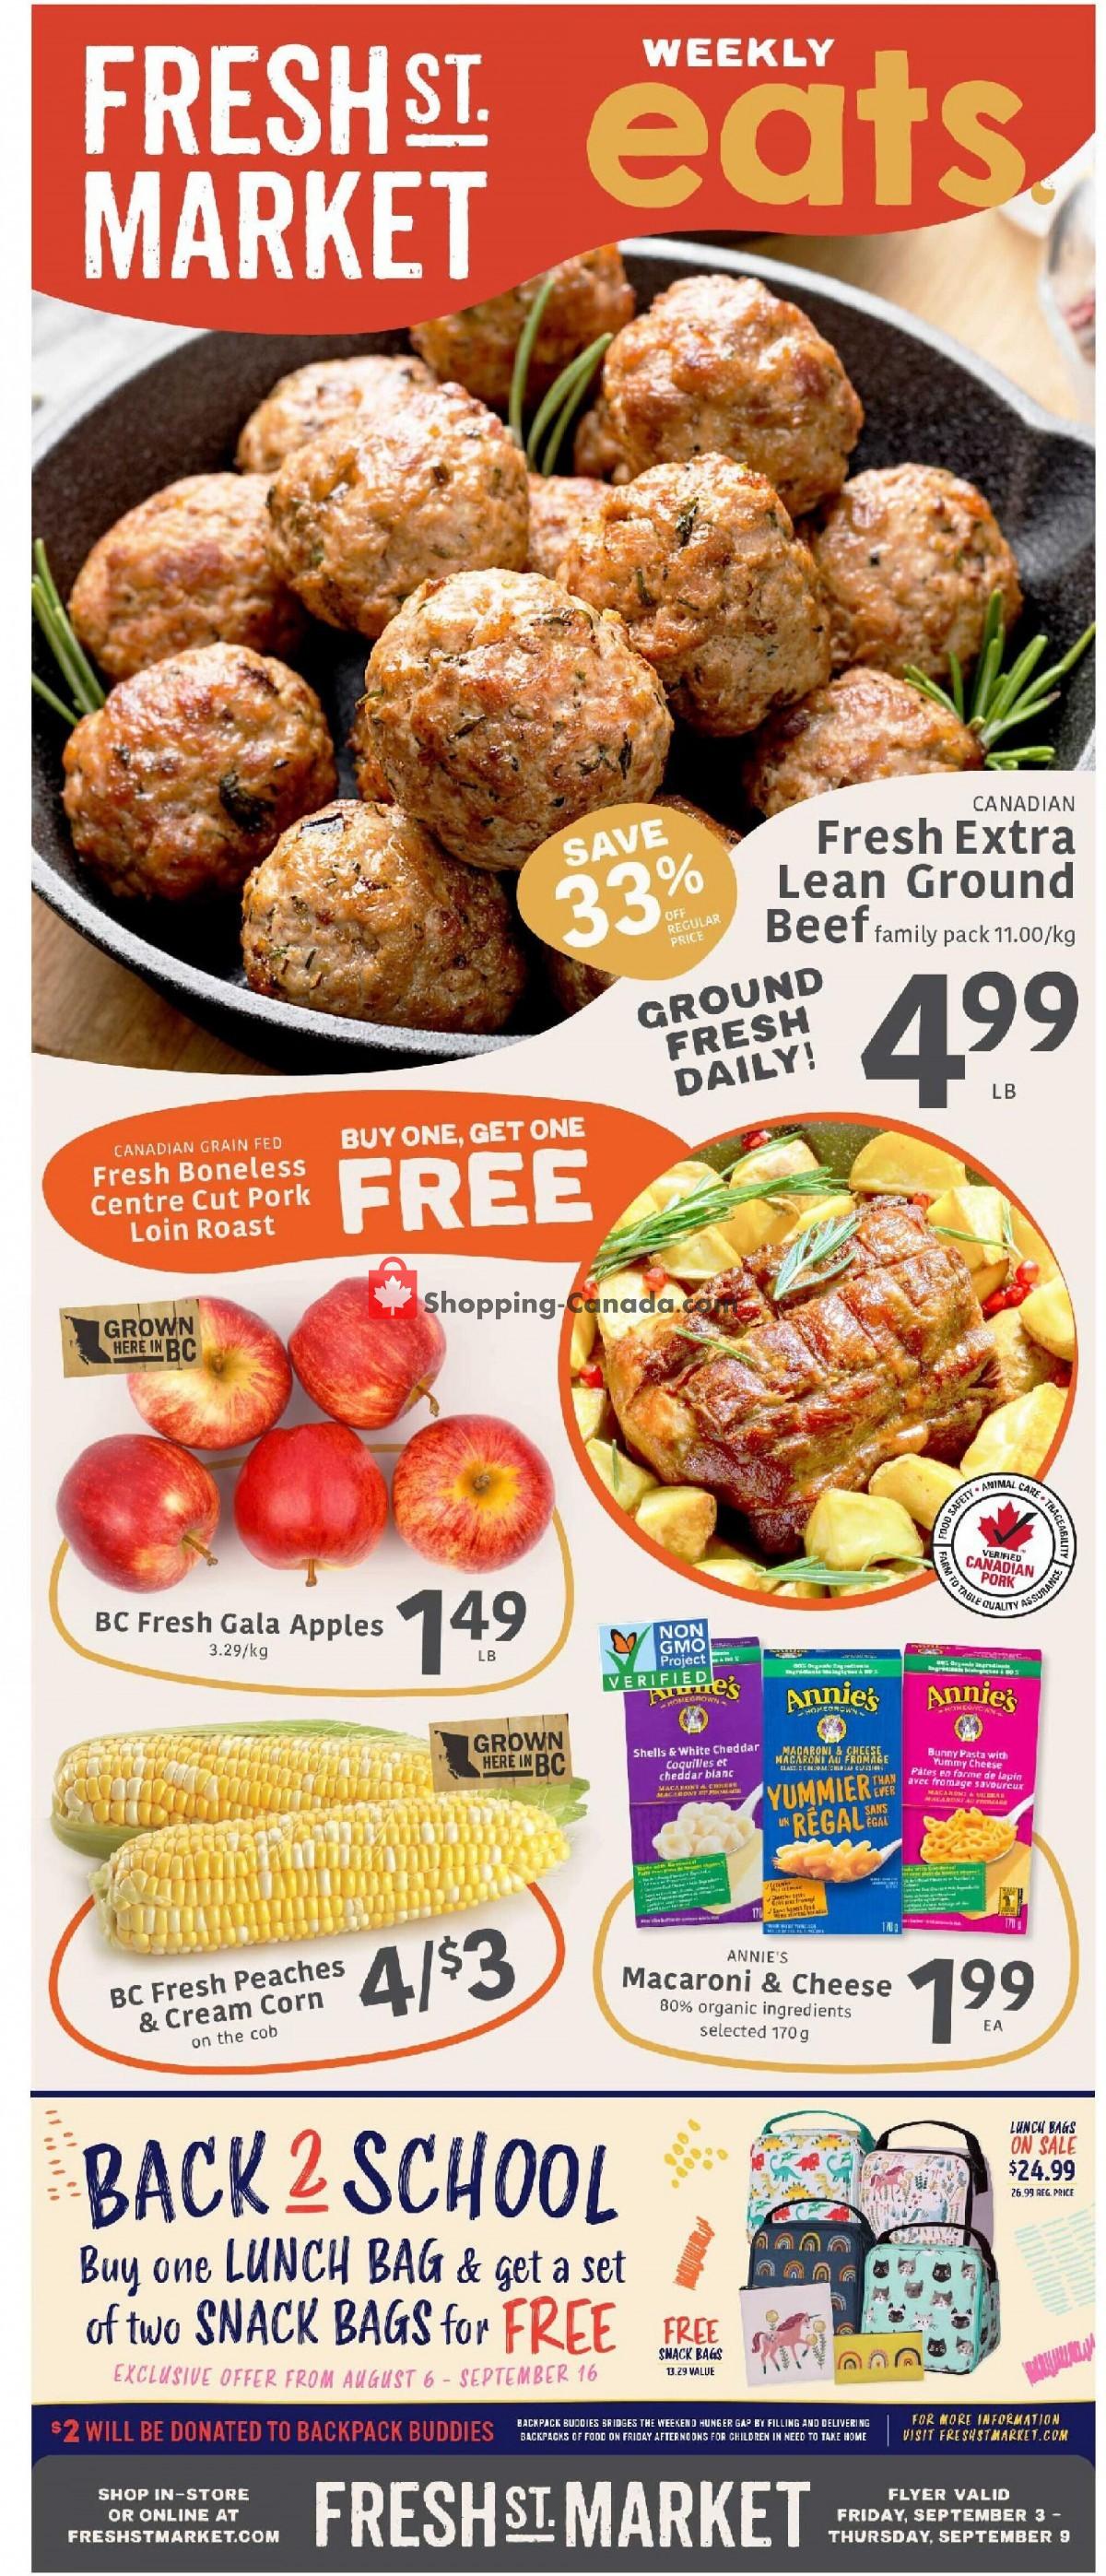 Flyer Fresh St. Market Canada - from Friday September 3, 2021 to Thursday September 9, 2021